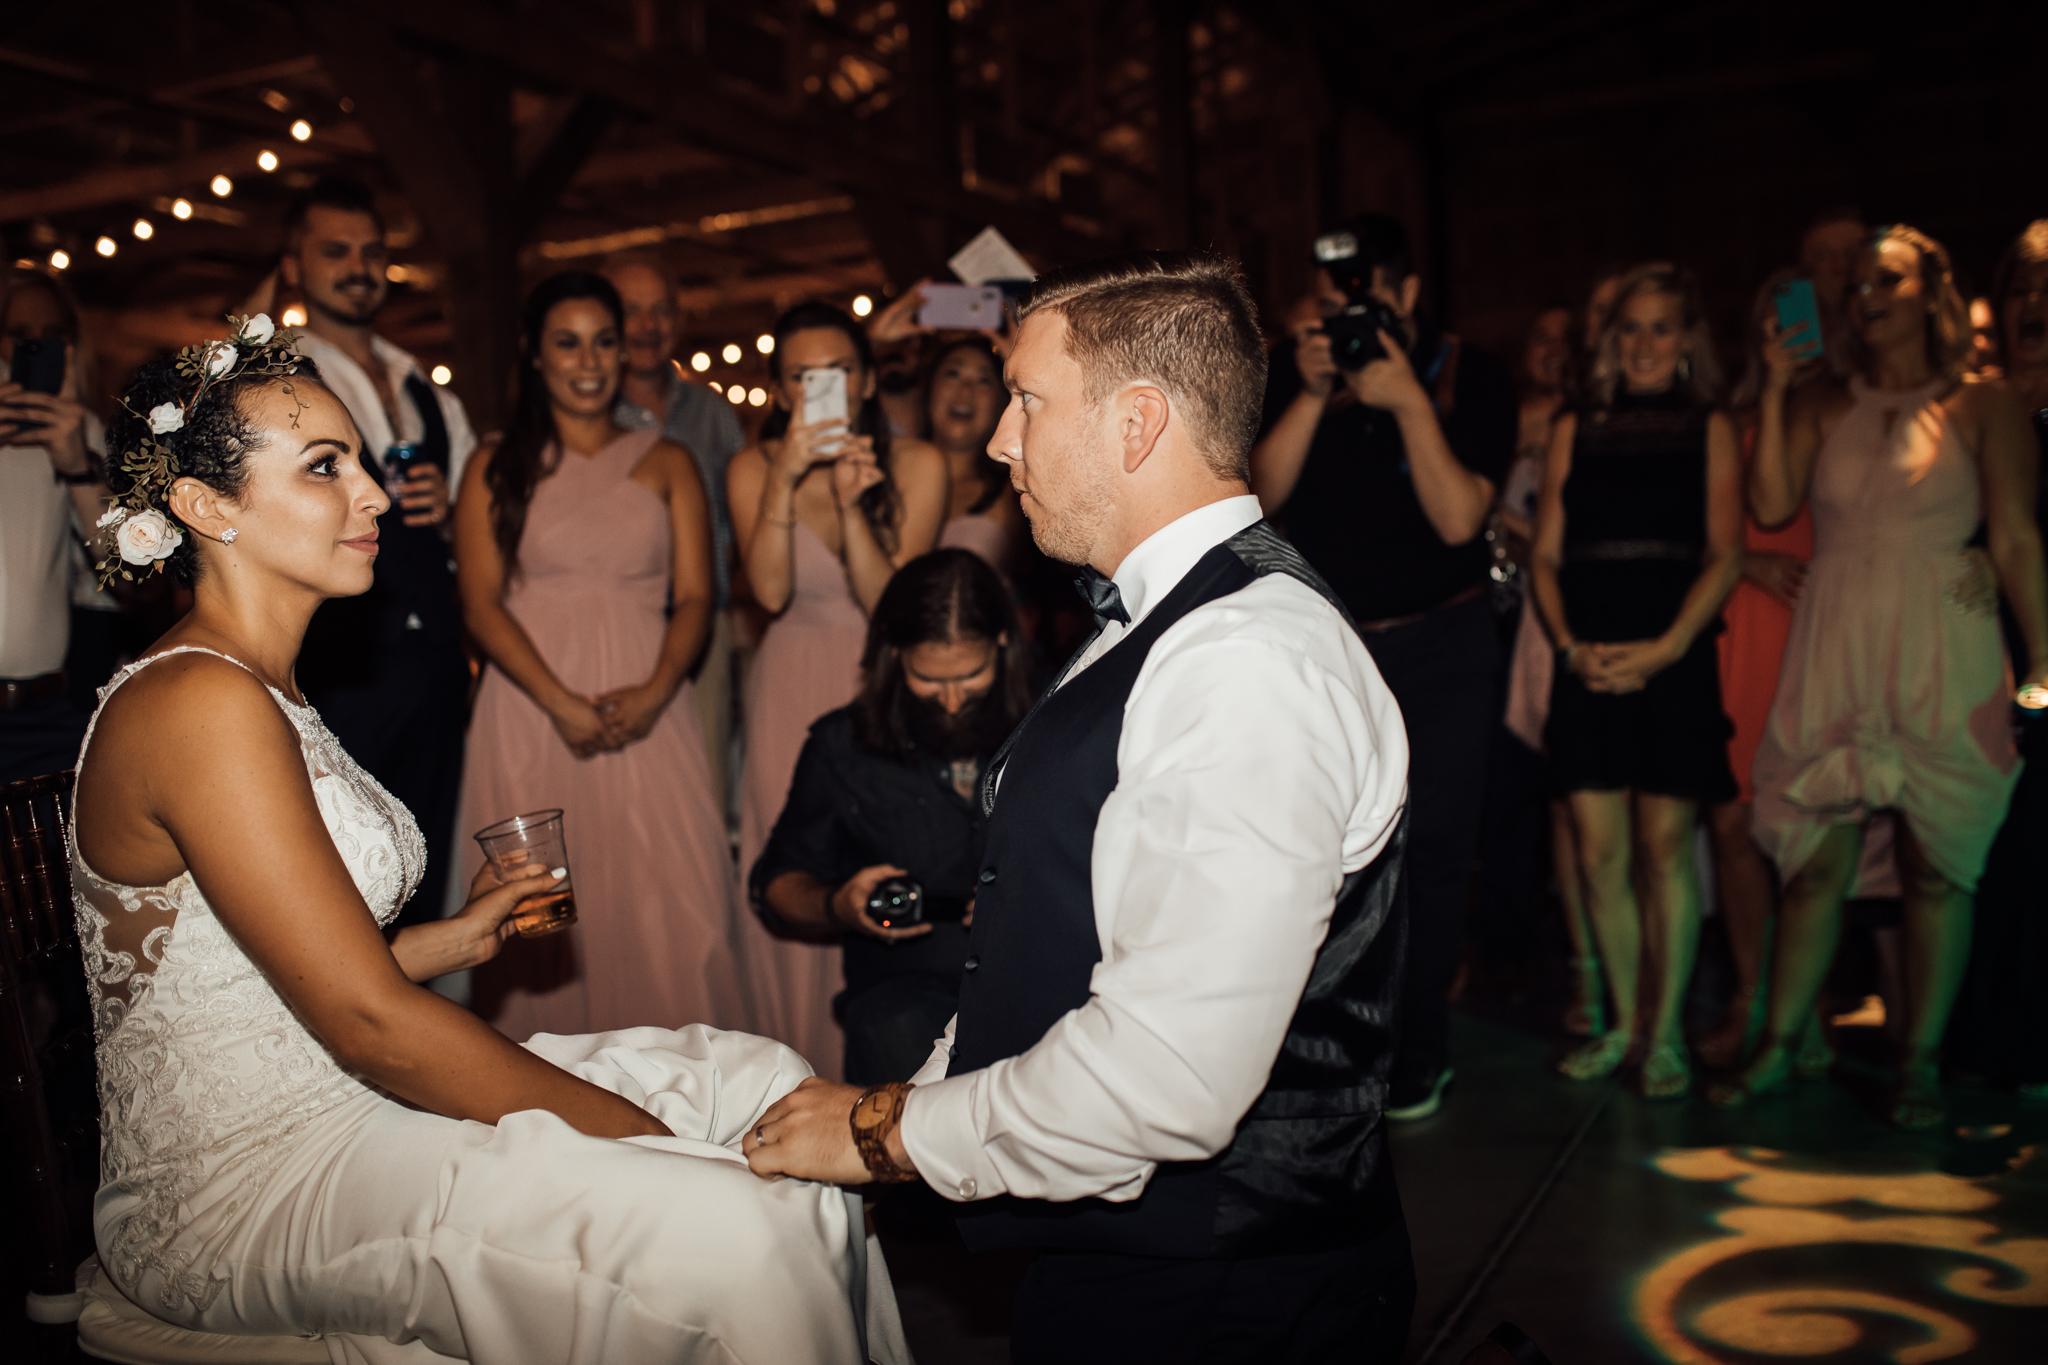 saddlewoodsfarms-nashville-wedding-photographer-thewarmtharoundyou-rustic-wedding (94 of 251).jpg